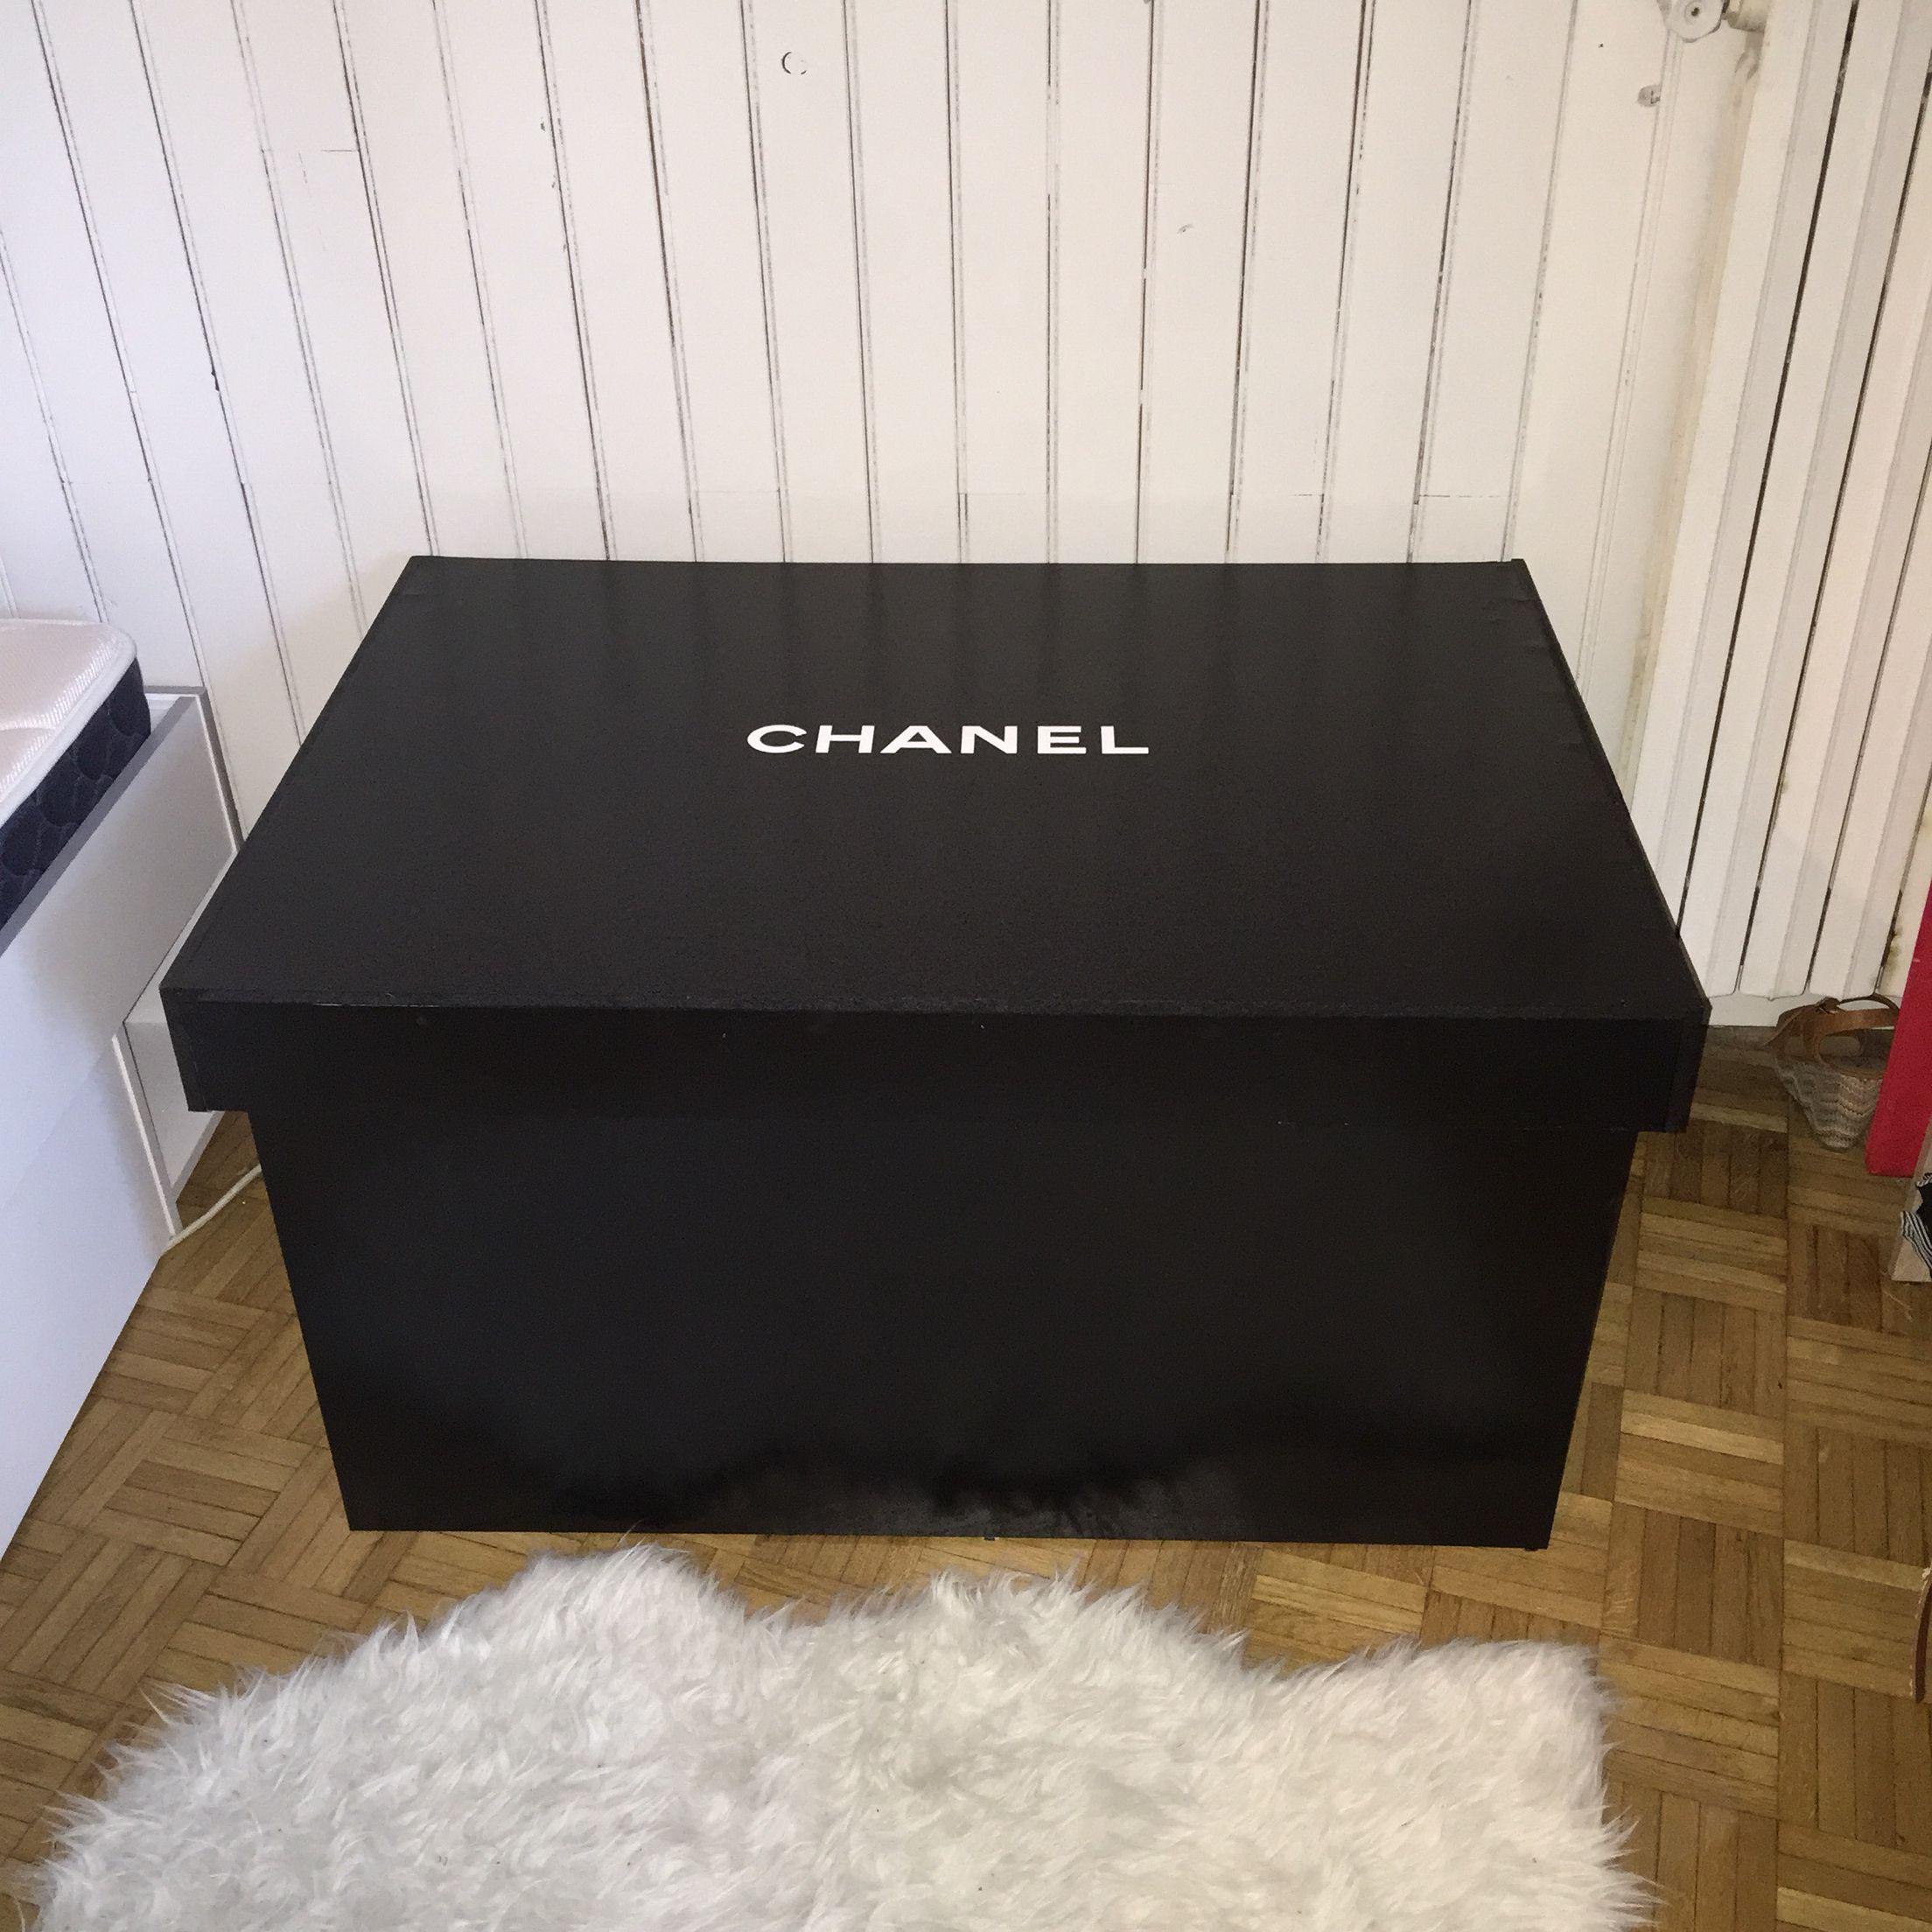 À Chaussures GeanteBoite GeanteBoite Boîte Boîte A À Chaussures c4AS35qjLR